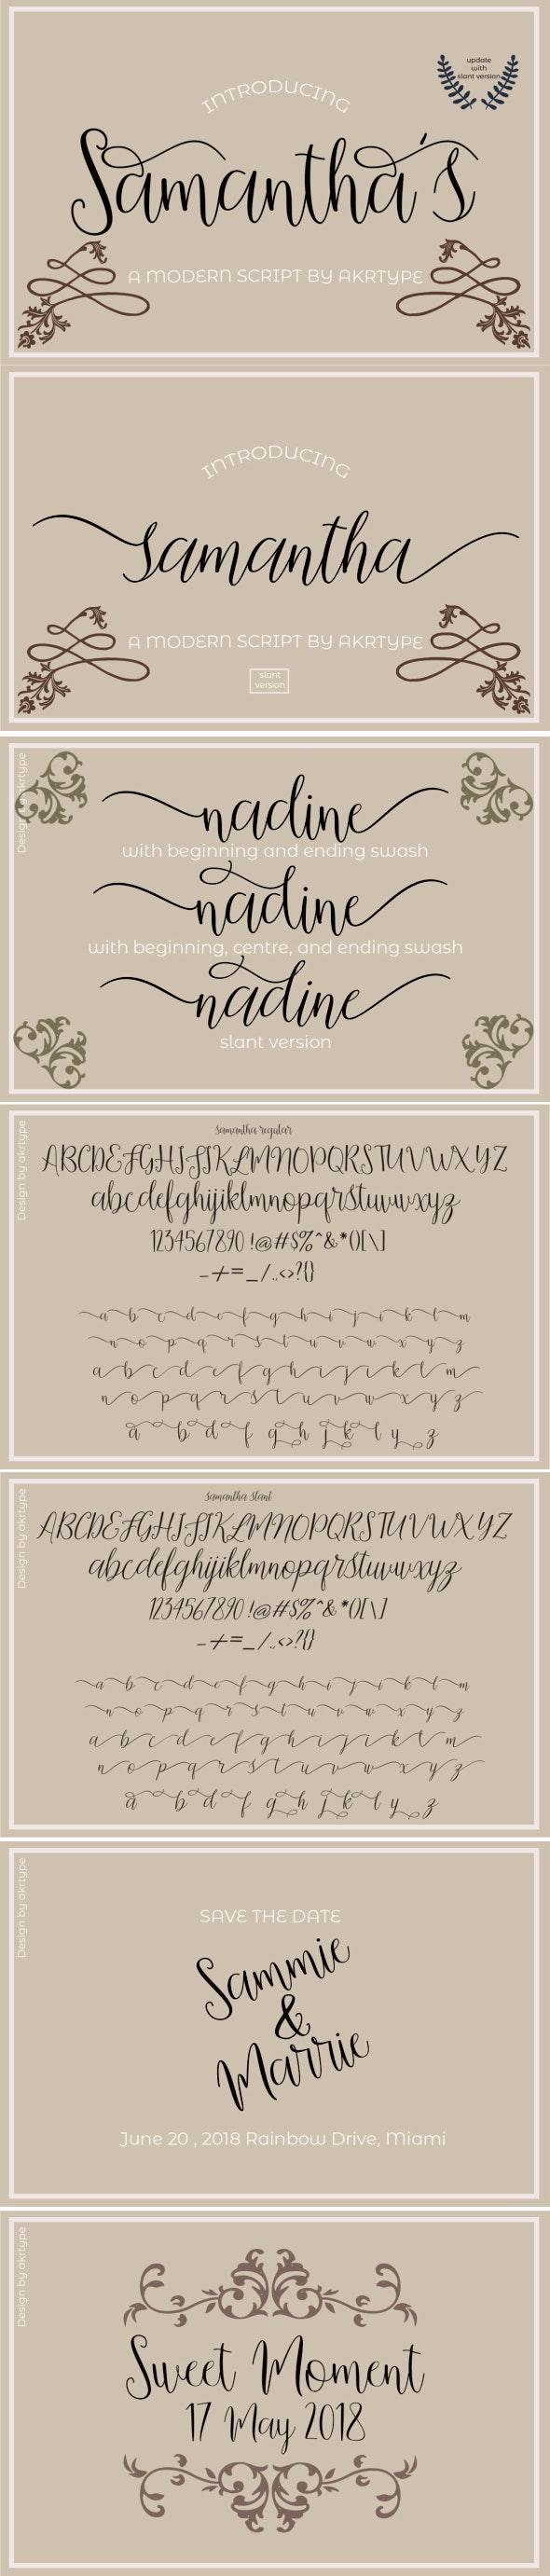 Samantha script - Script Fonts